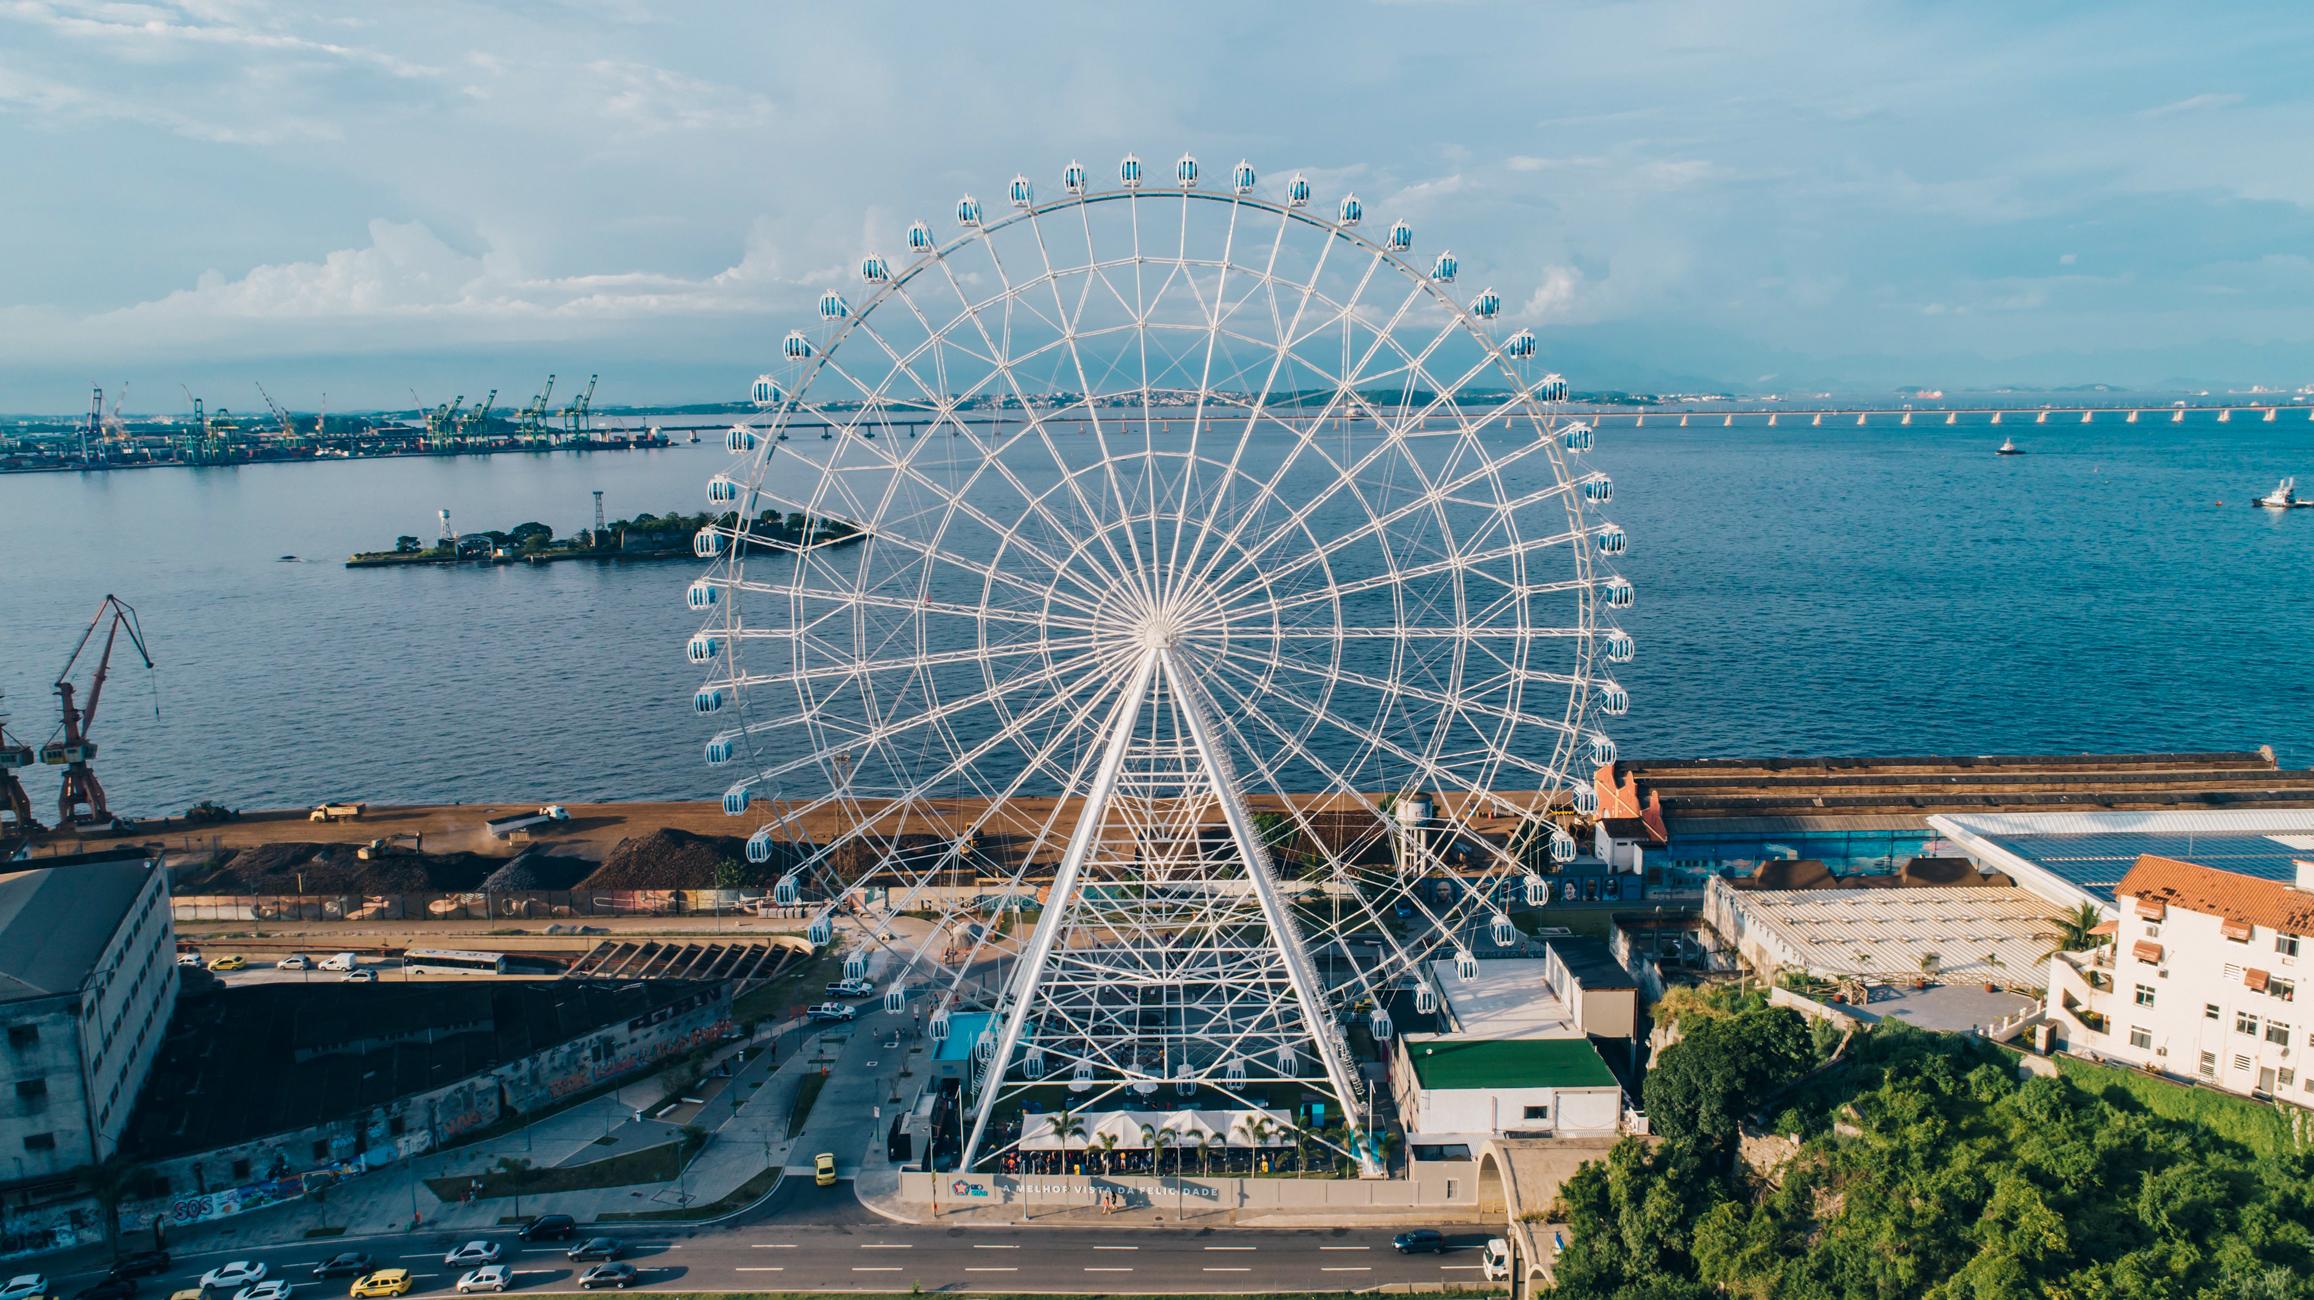 Roda Gigante na Zona Portuária do Rio, com a baía de Guabanara ao fundo